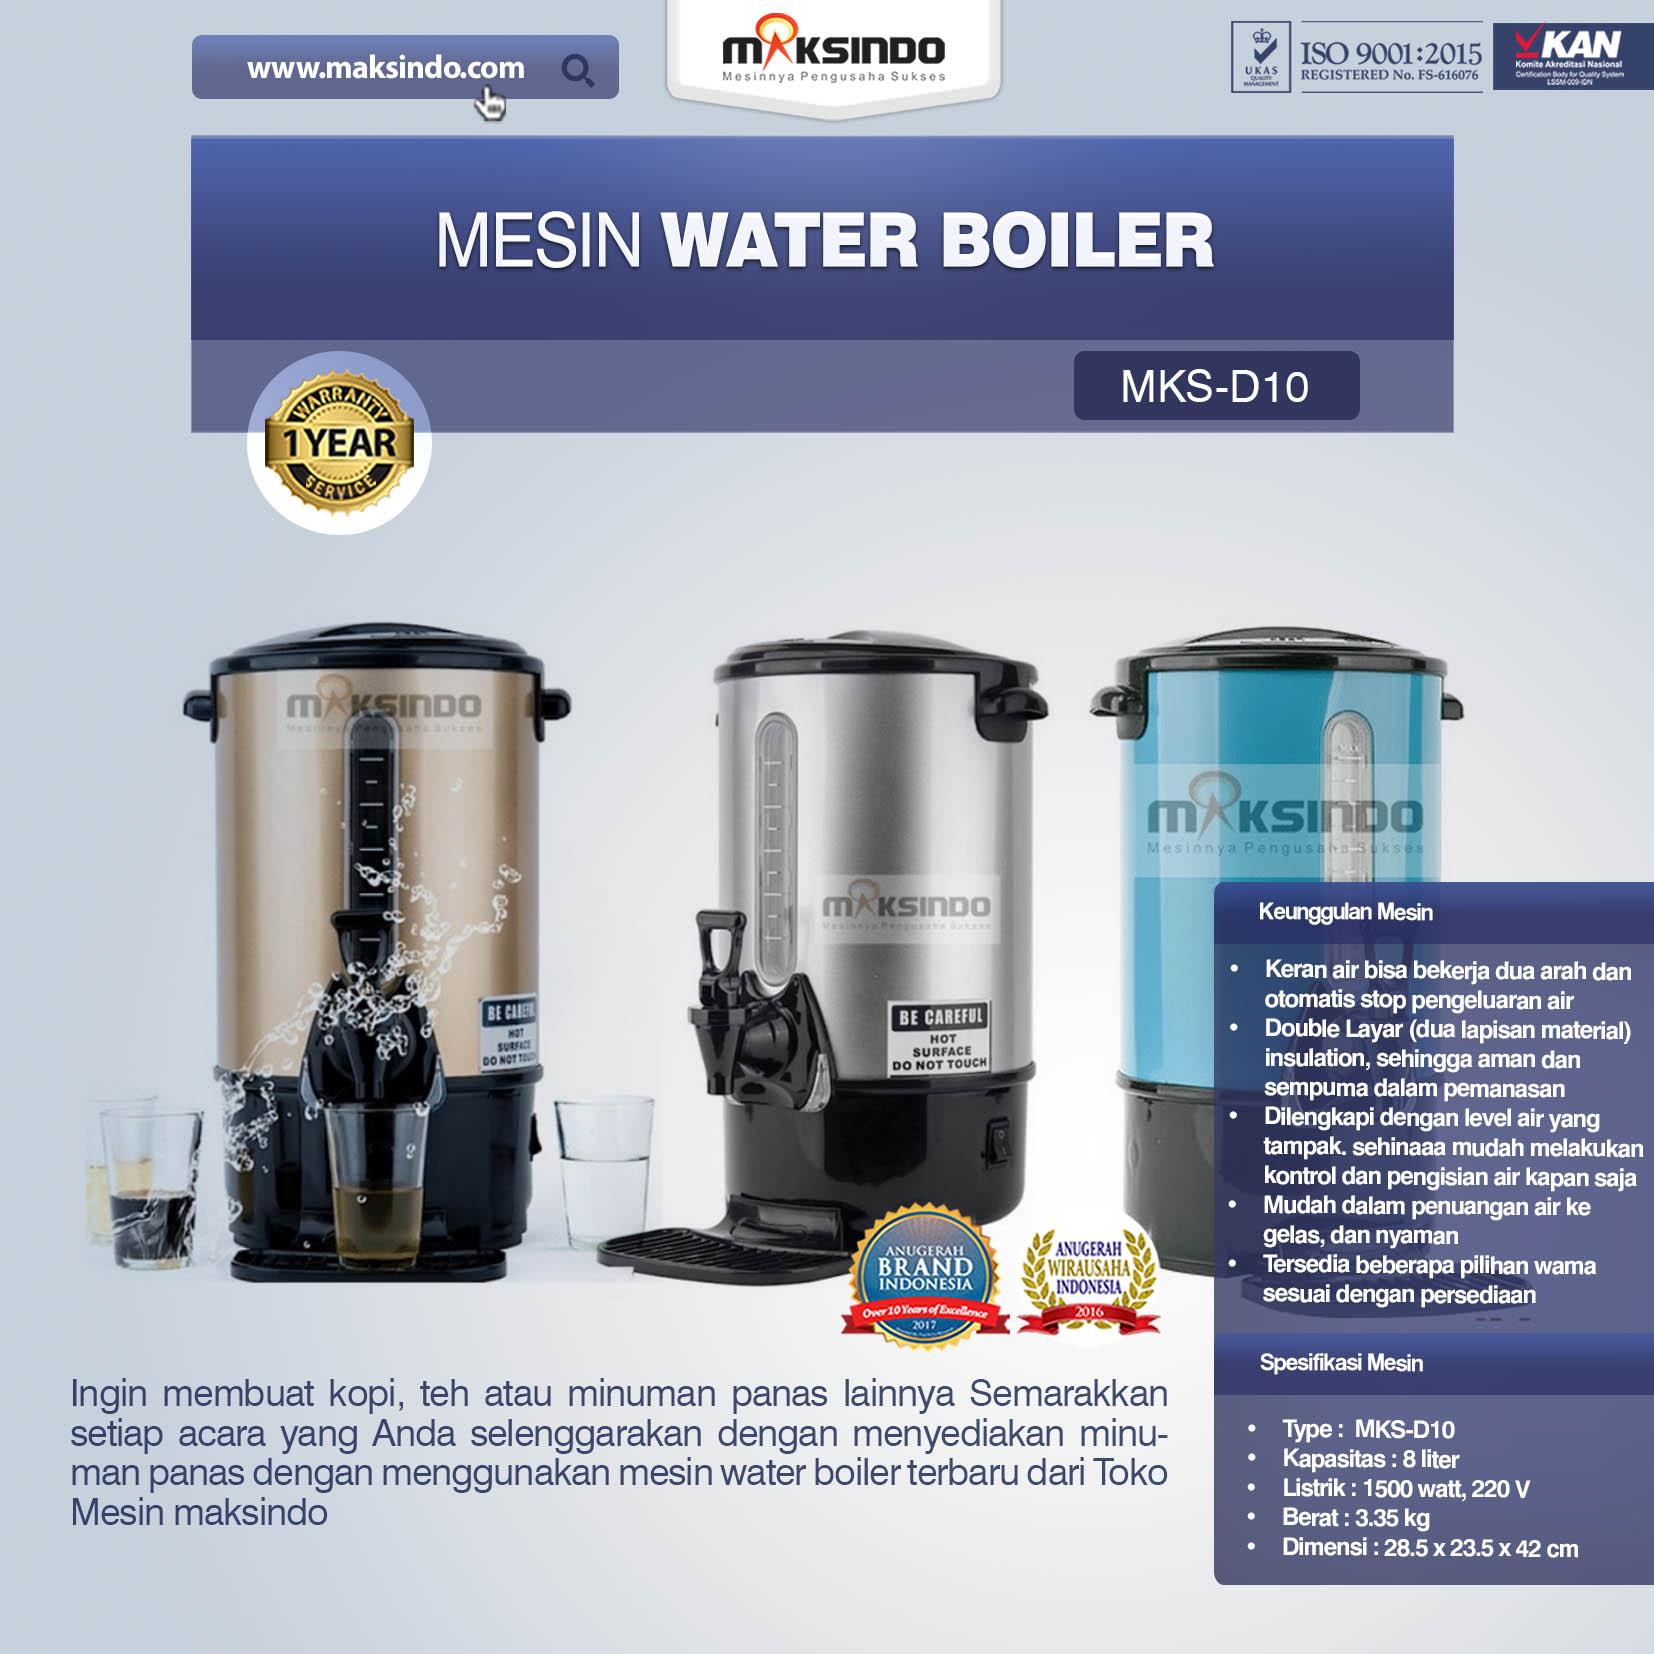 Jual Mesin Water Boiler New Model di Malang